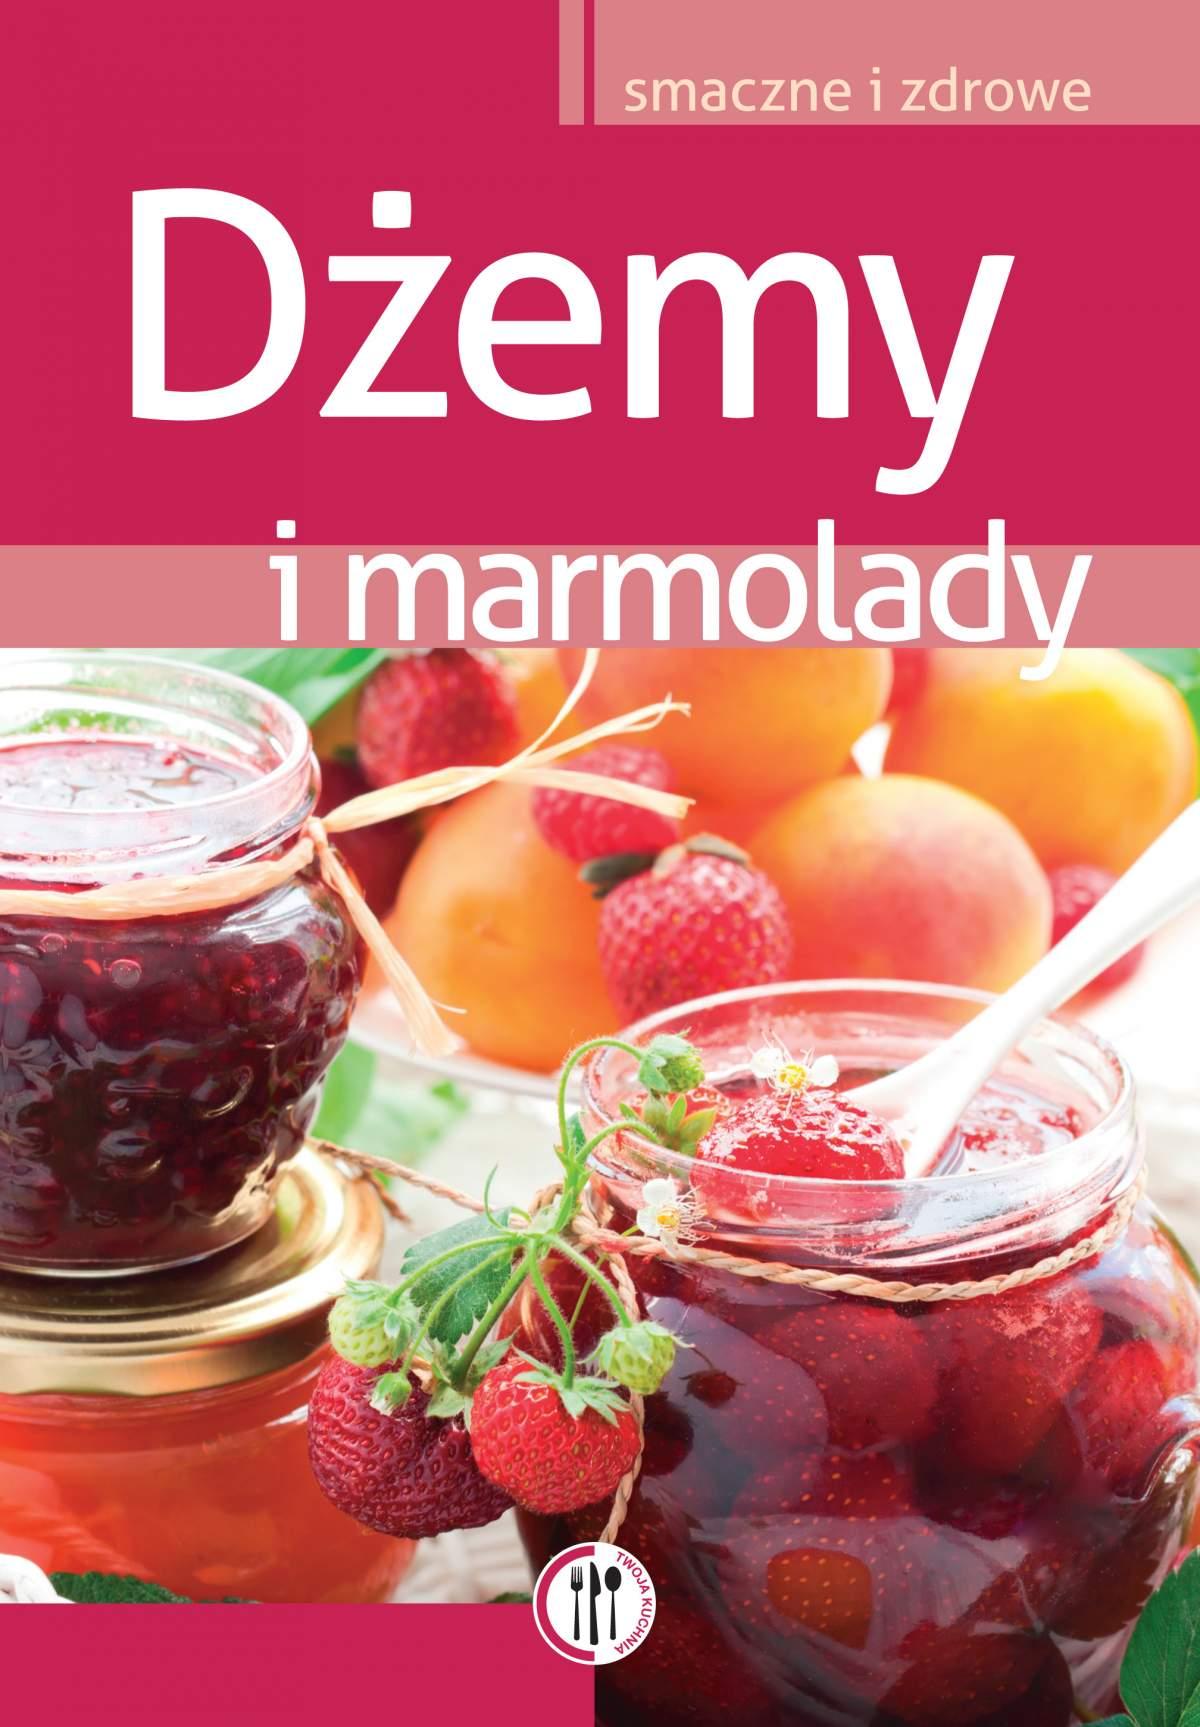 Dżemy i marmolady - Ebook (Książka PDF) do pobrania w formacie PDF